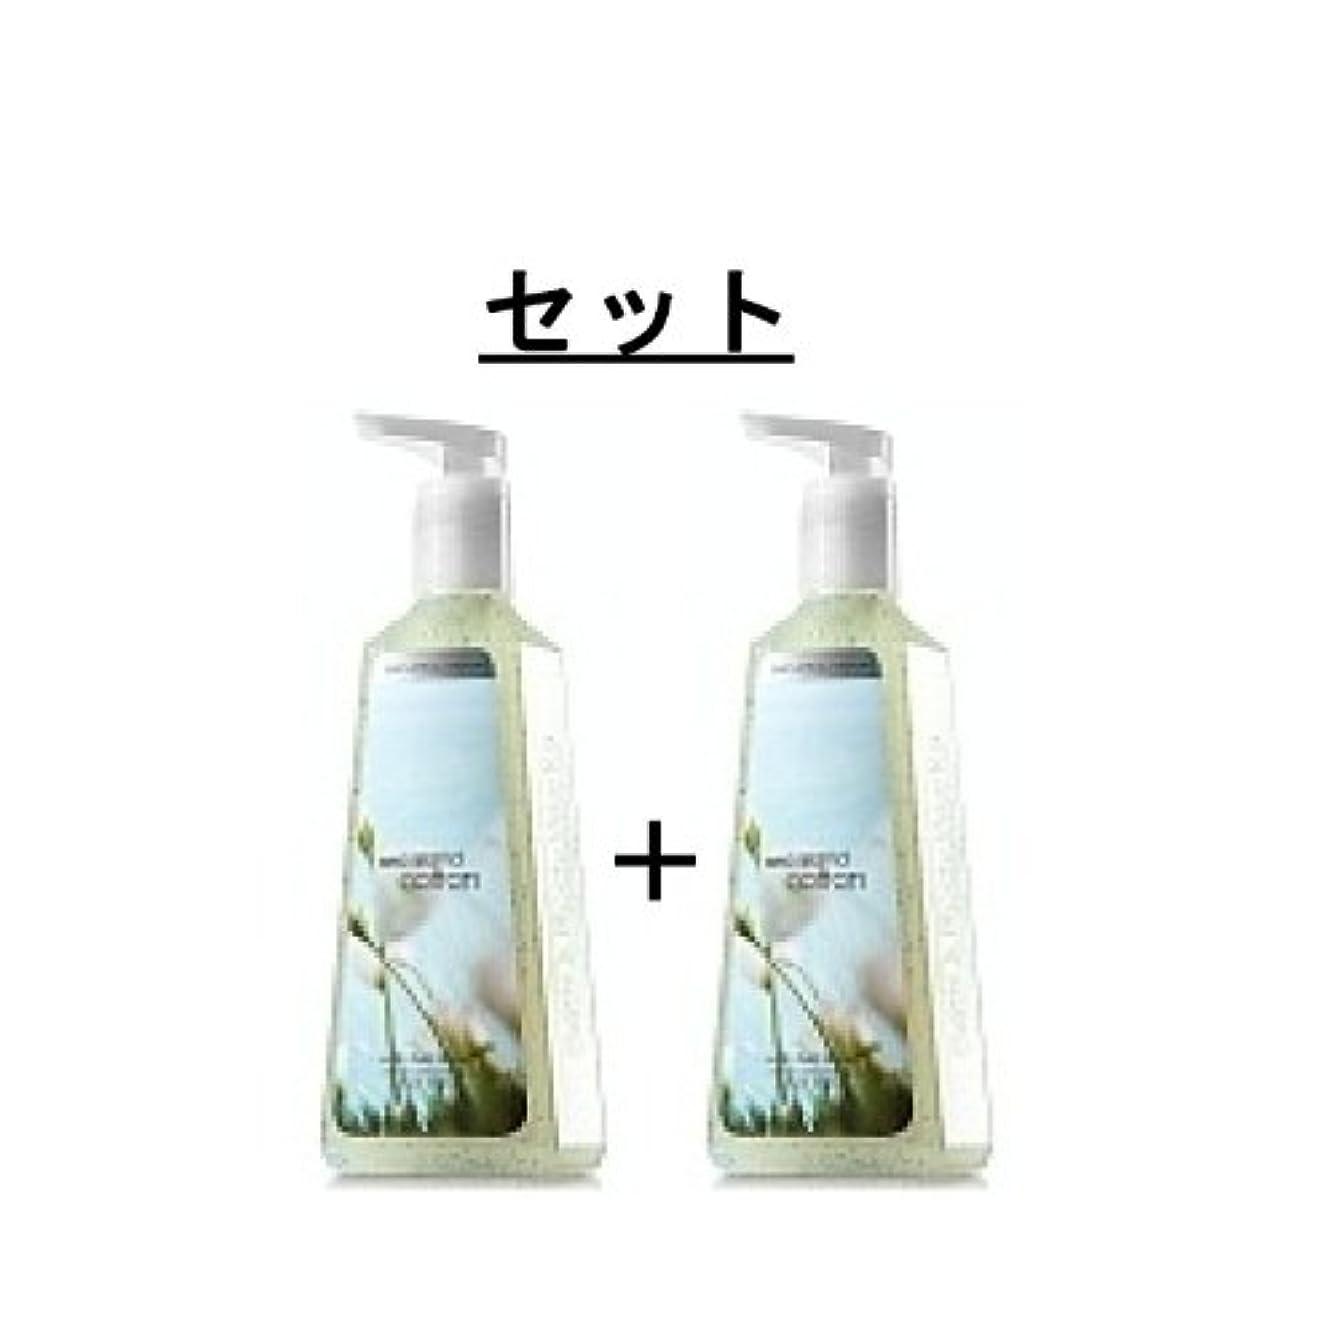 定期的な定期的なファームBath & Body Works Sea Island Cotton Antibacterial Deep Cleansing Hand Soap Set of 2 シーアイランドコットン【並行輸入品】